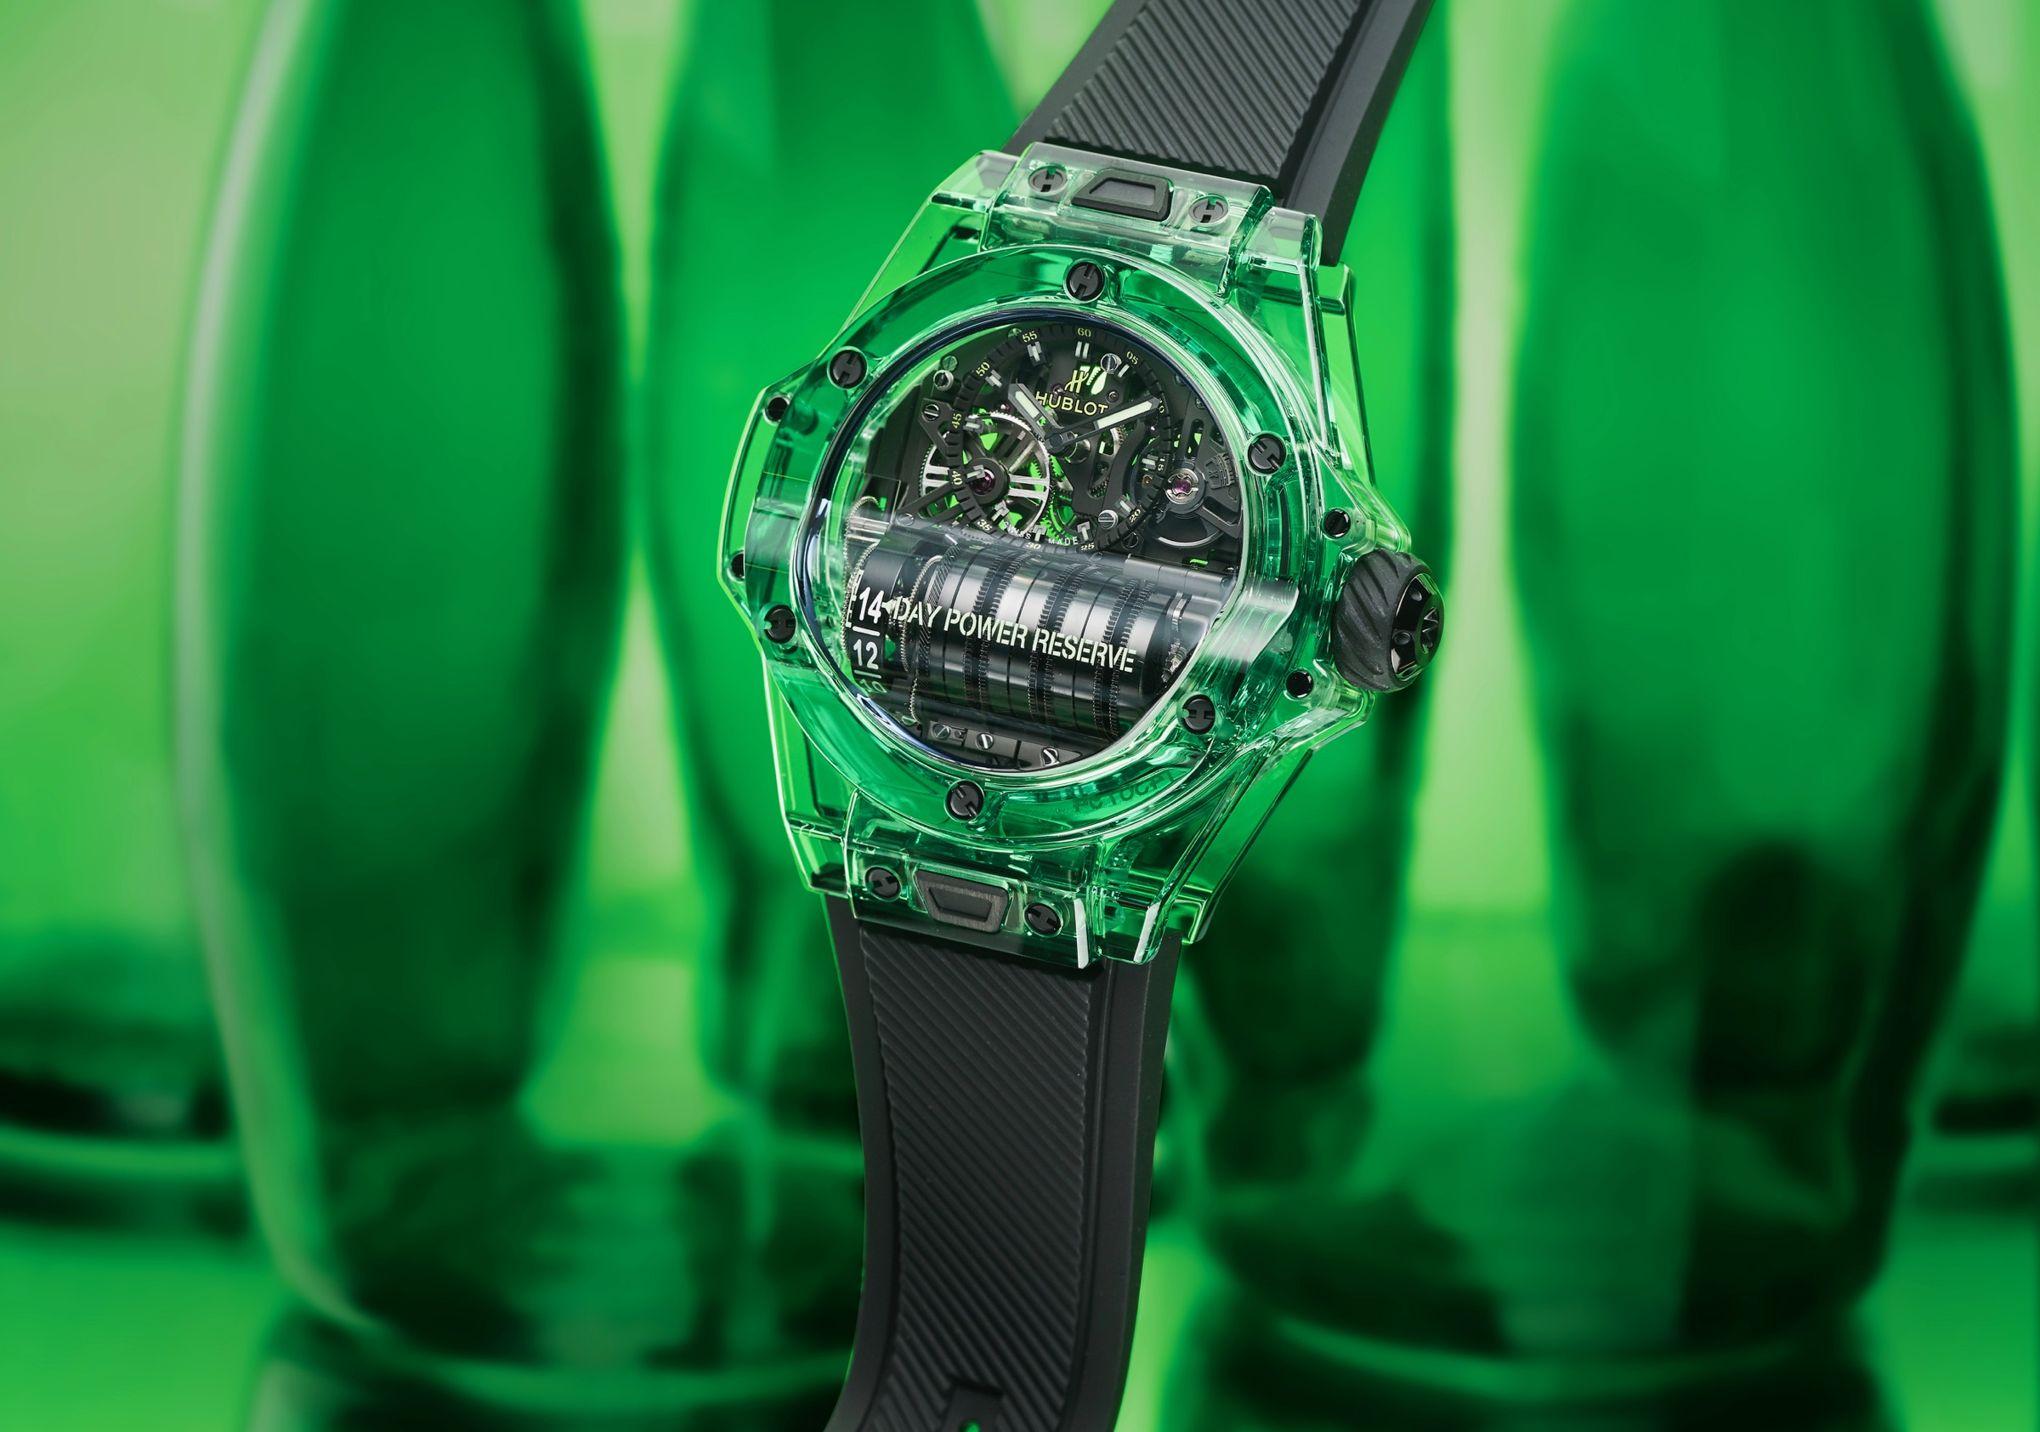 Les belles montres s'exhibent sous le soleil de Mexico